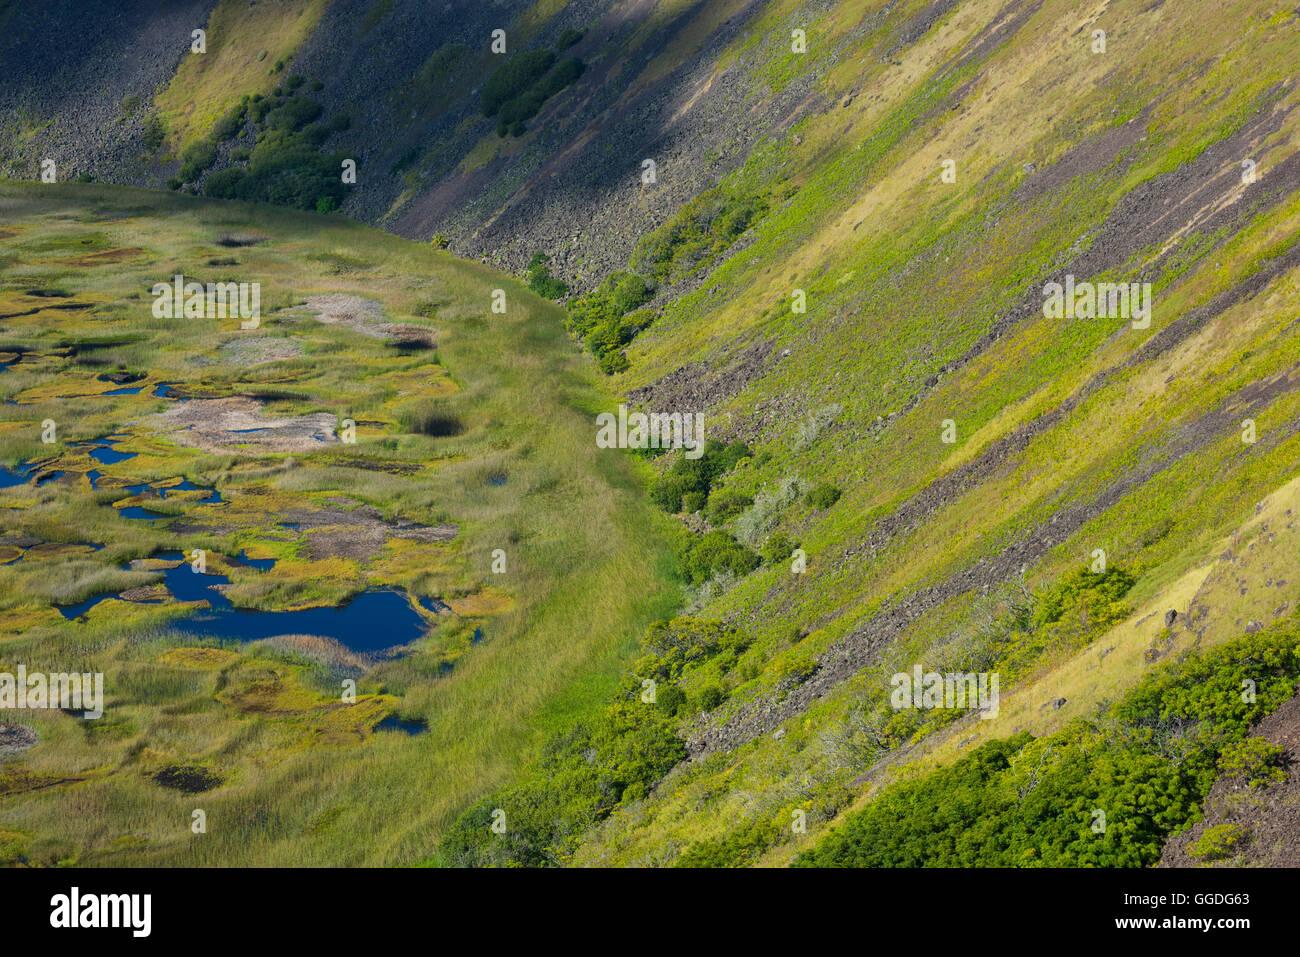 América del Sur; Chile; Isla de Pascua; Isla de Pasqua, Pacífico Sur; la UNESCO, Patrimonio de la humanidad, Imagen De Stock